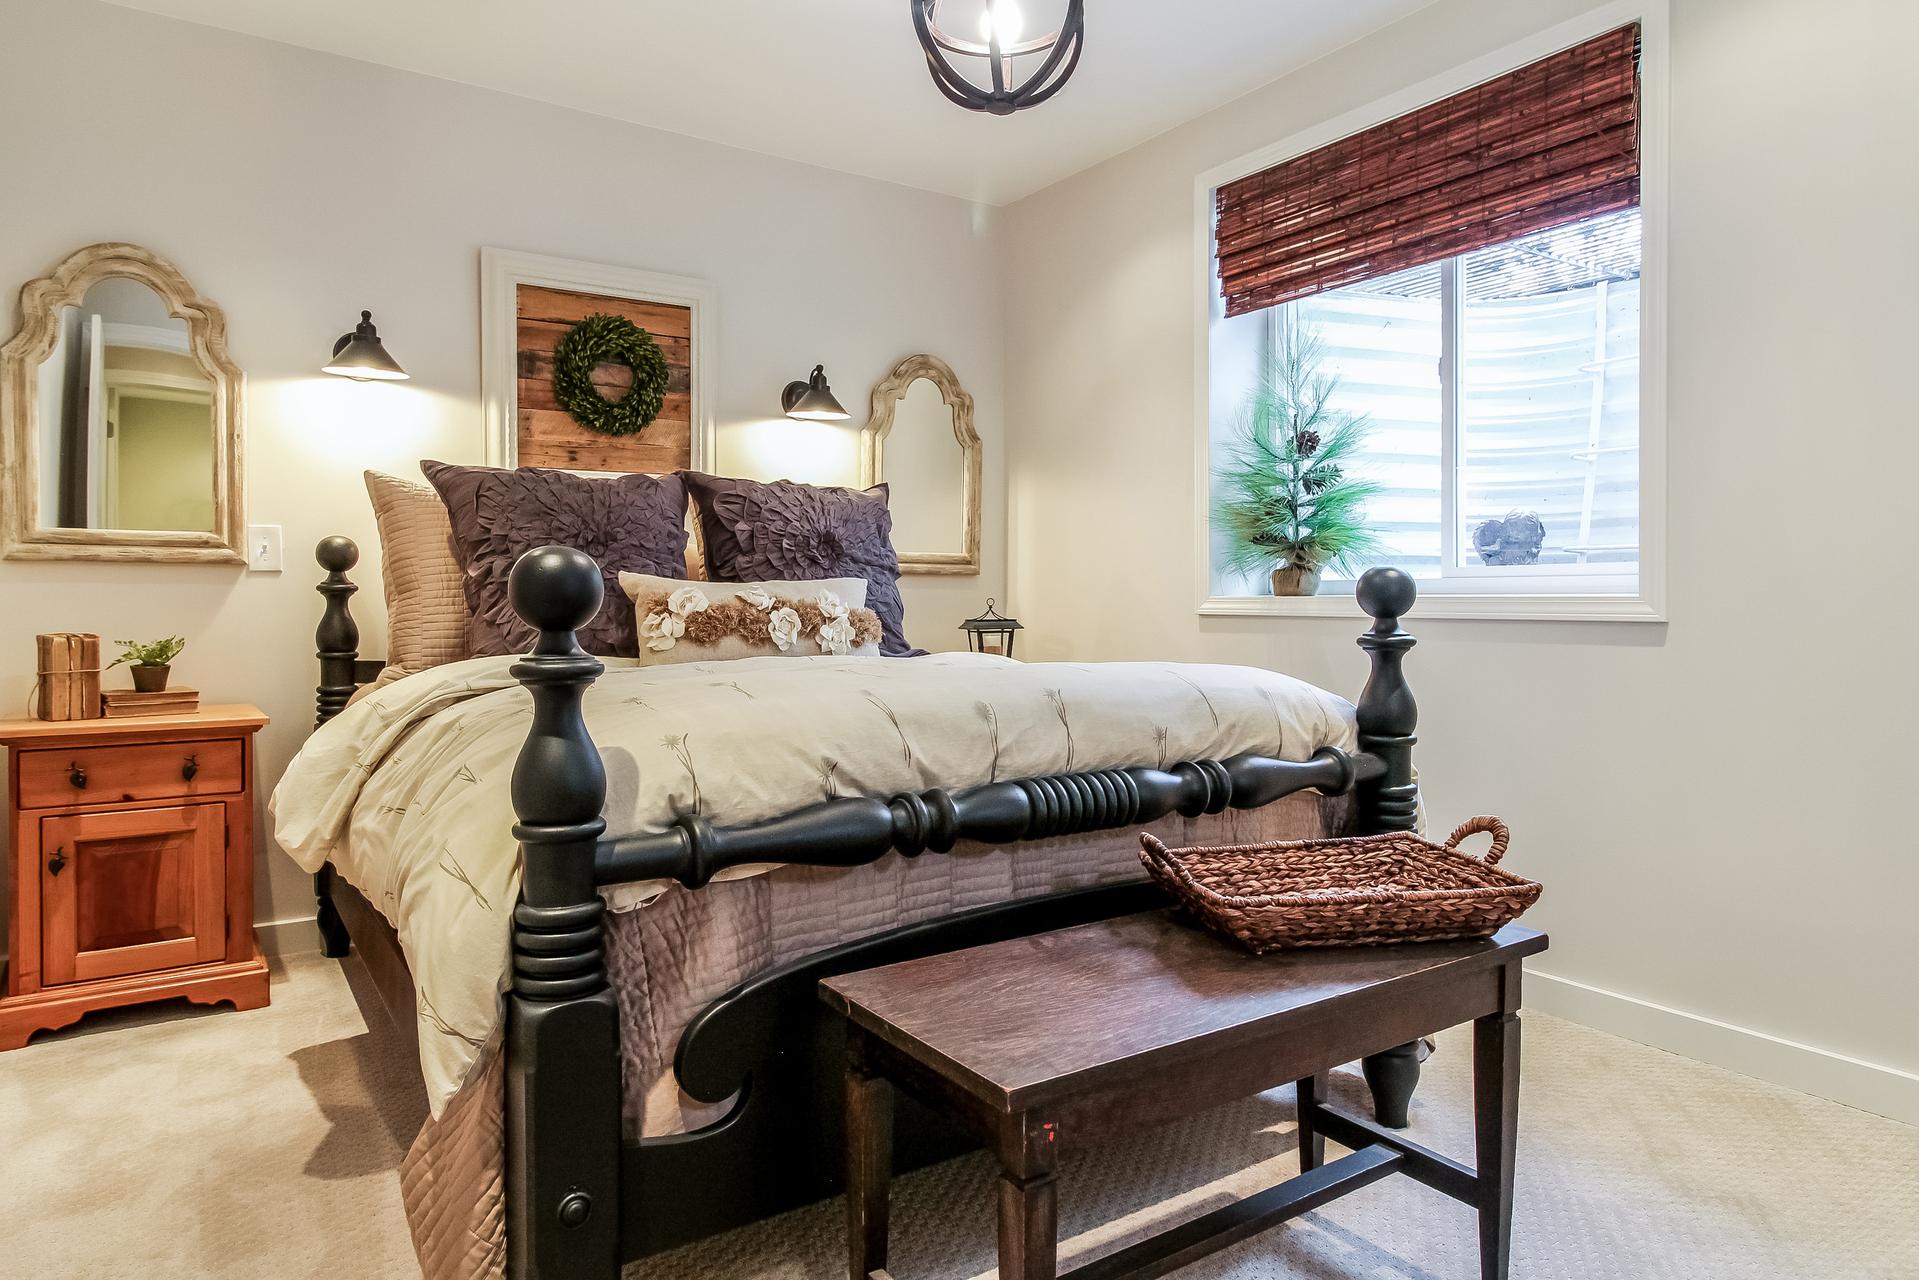 036-Bedroom-5442246-medium.jpg